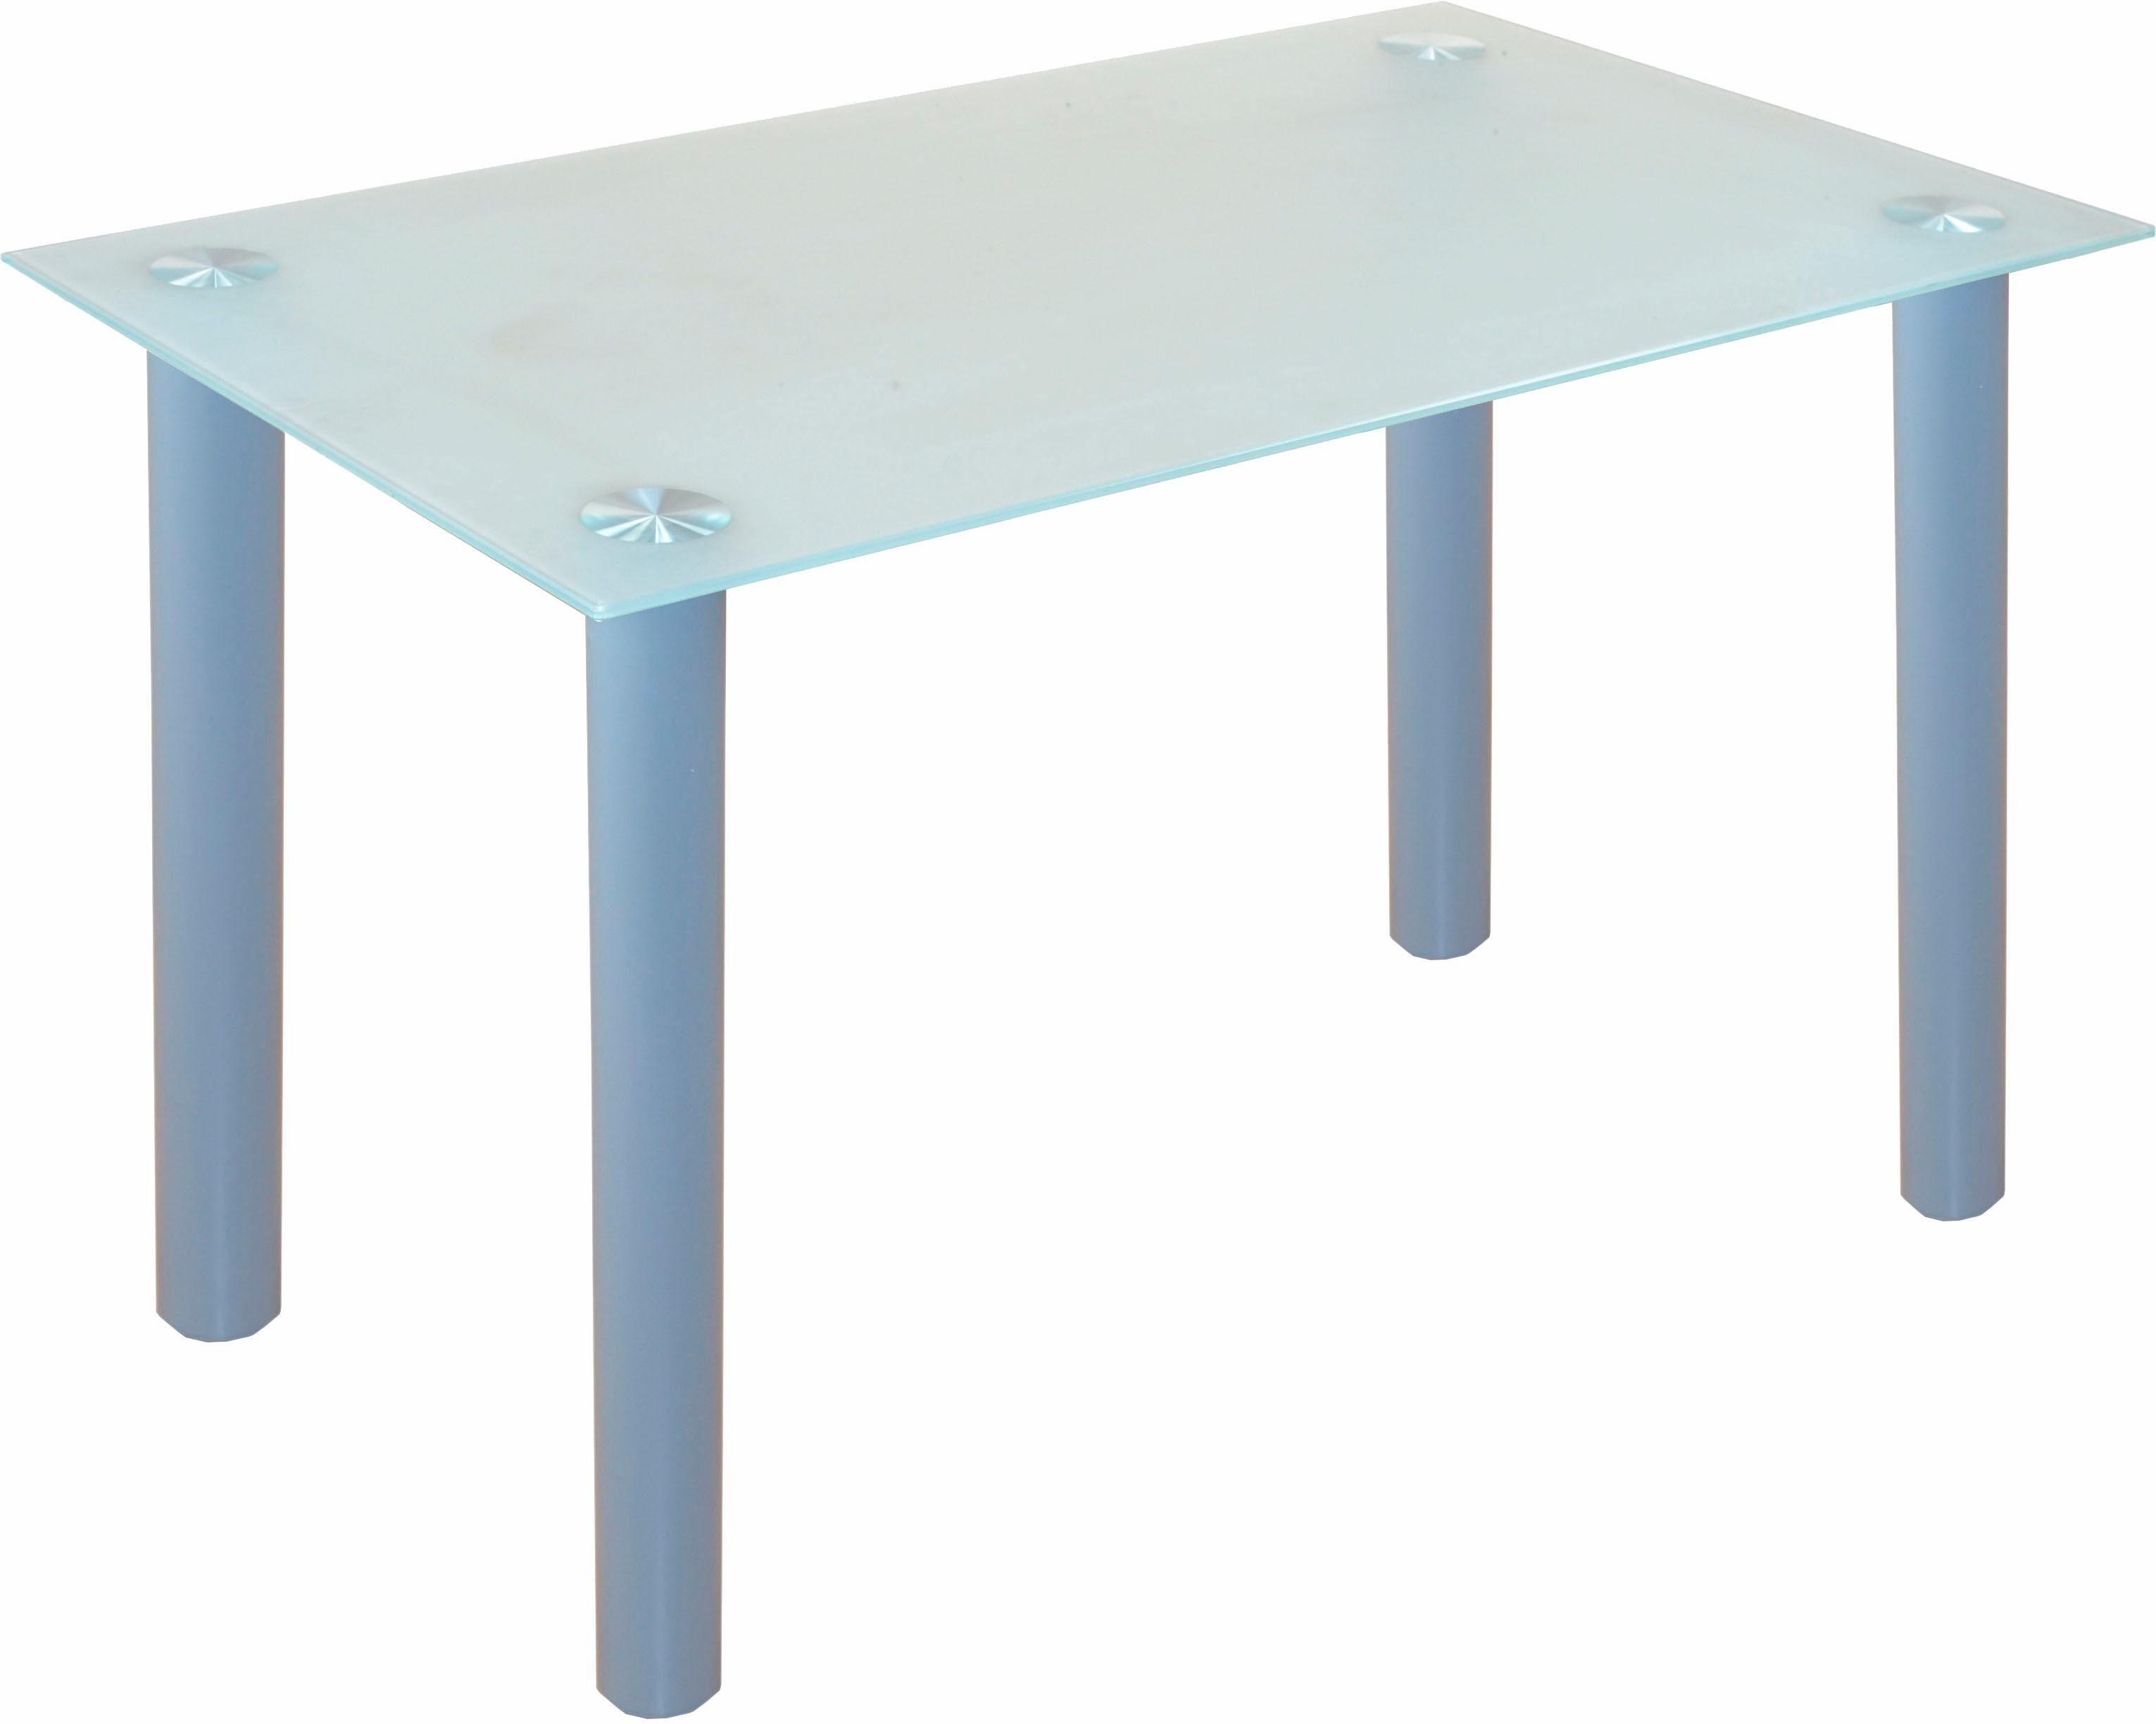 Glastisch, Breite 120 cm